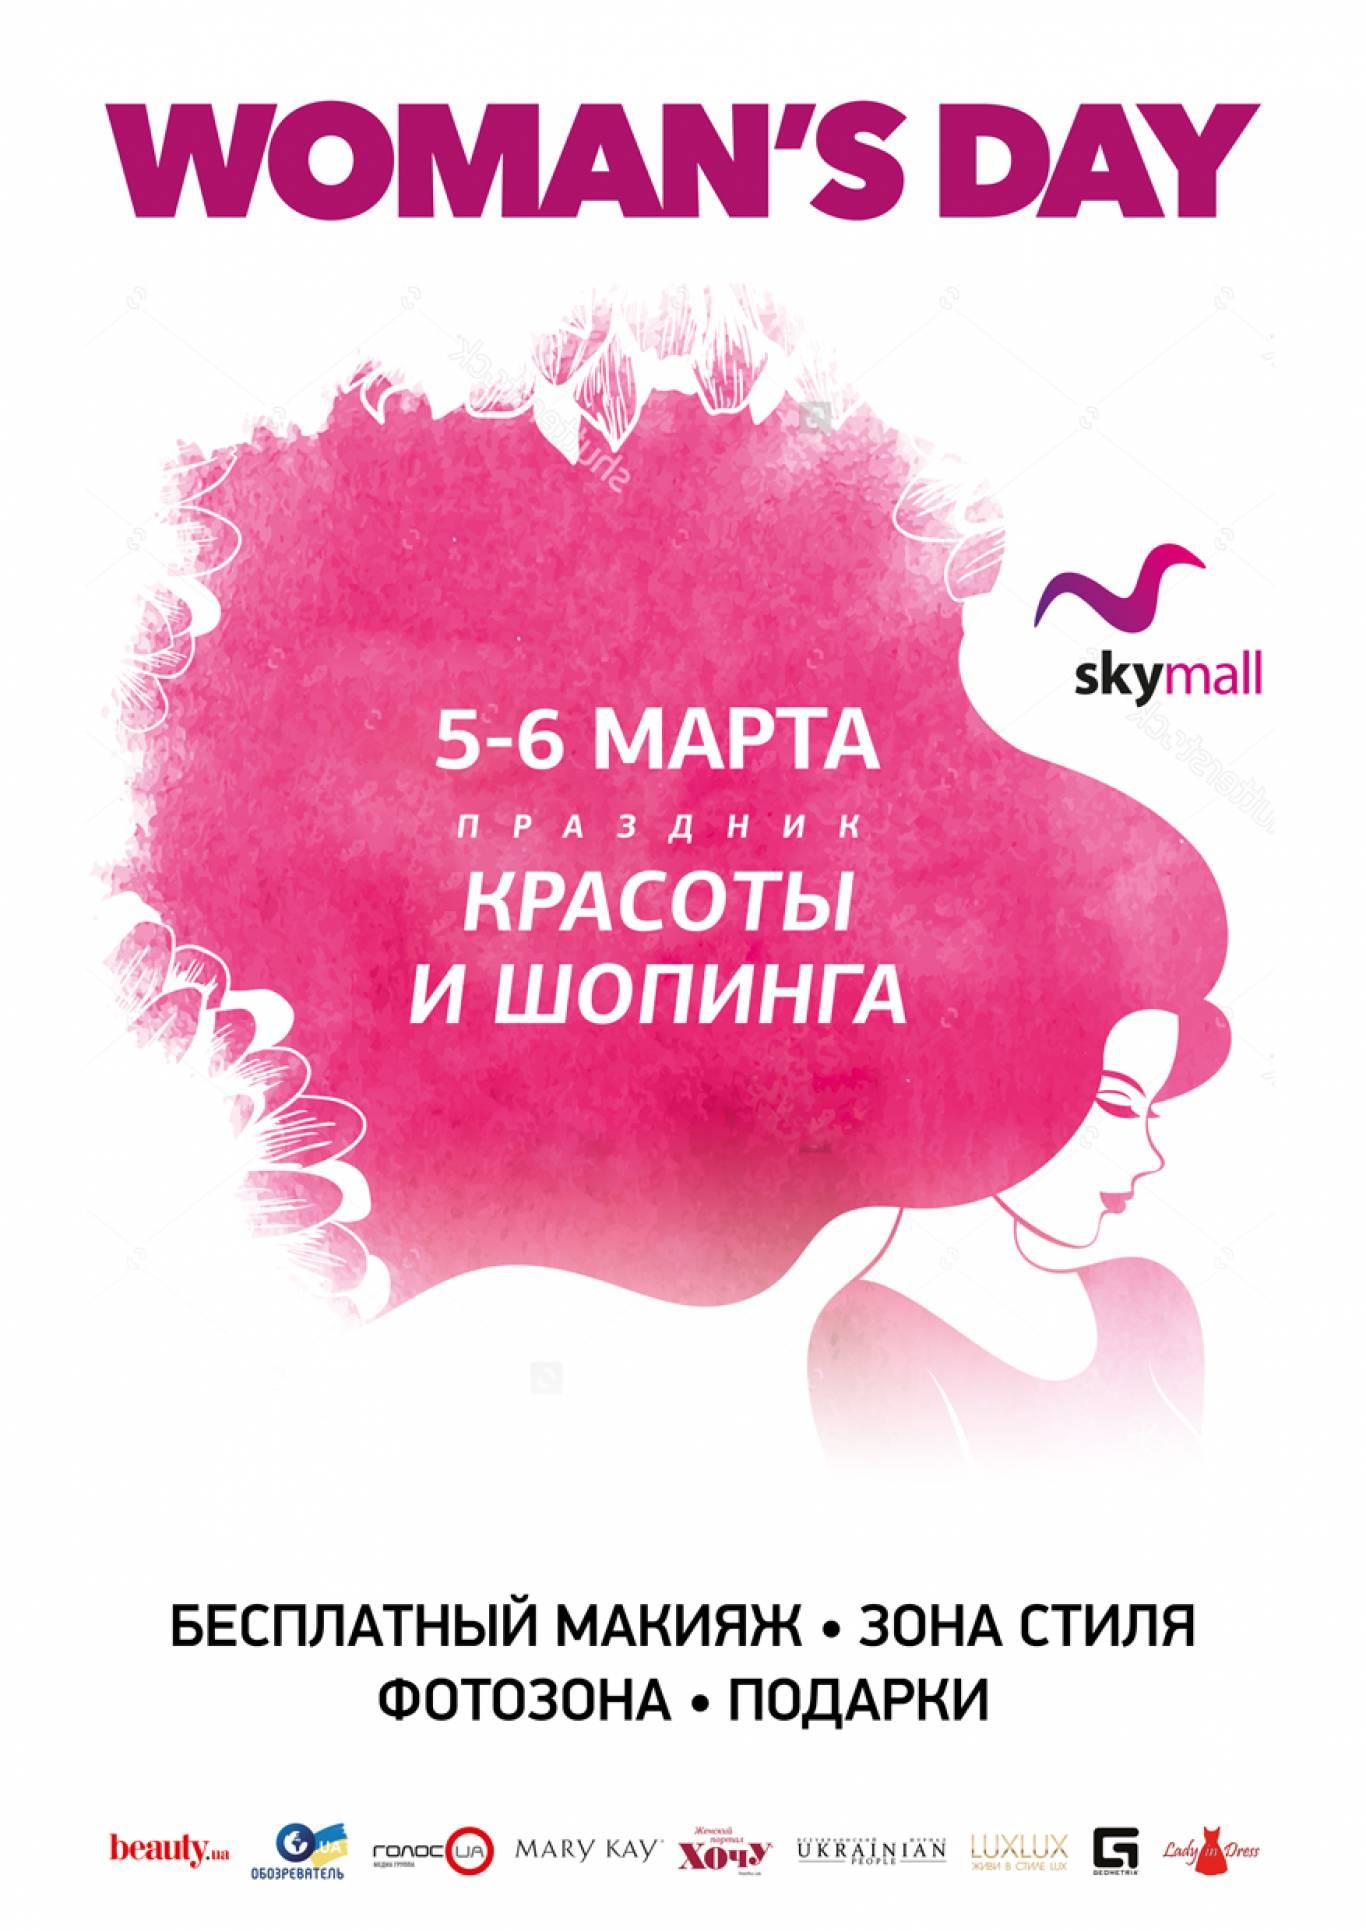 ТРЦ Sky Mall: жіноче свято краси та шопінгу «Woman's Day»